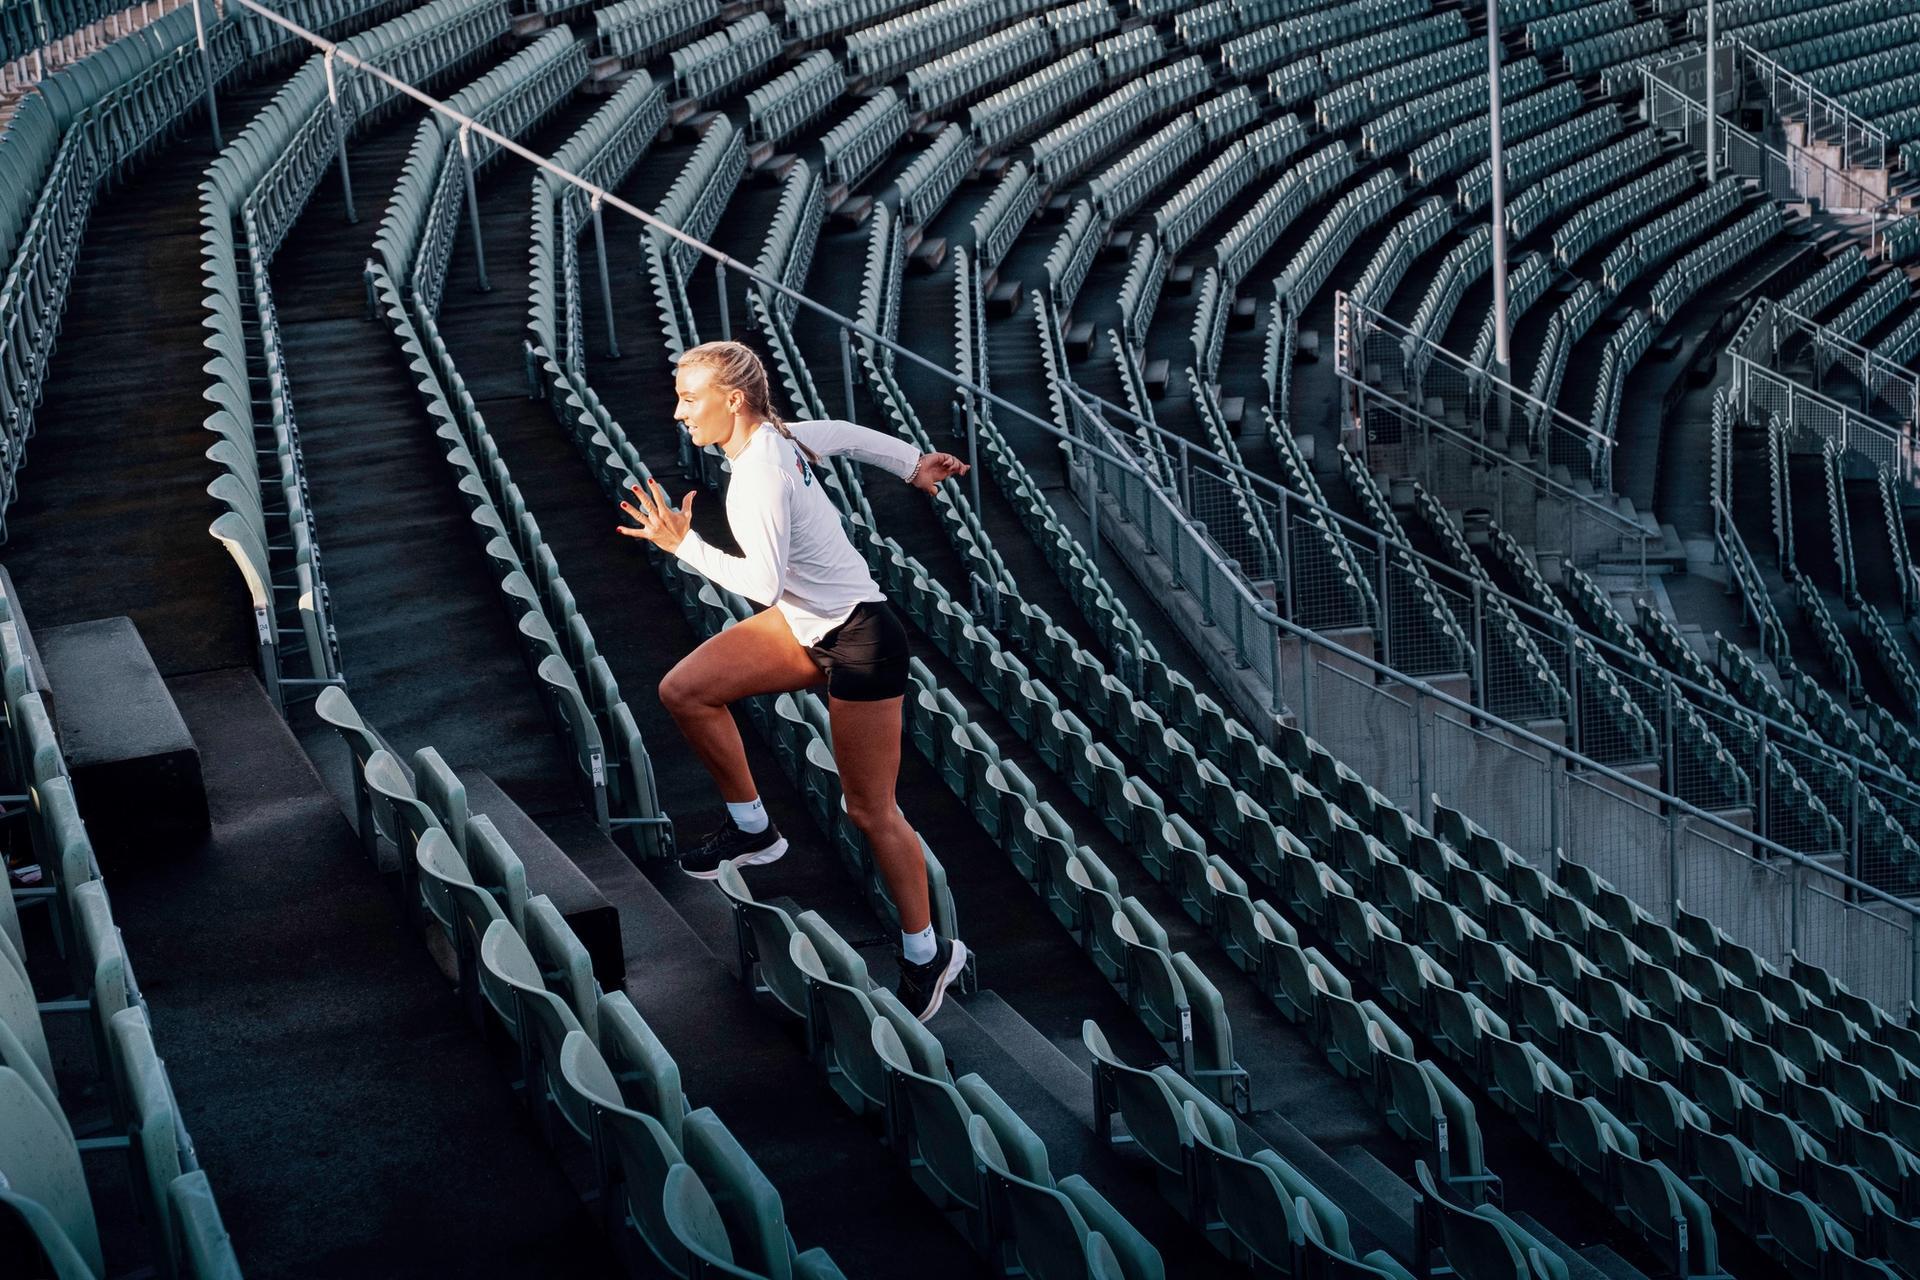 Løper opp trapper